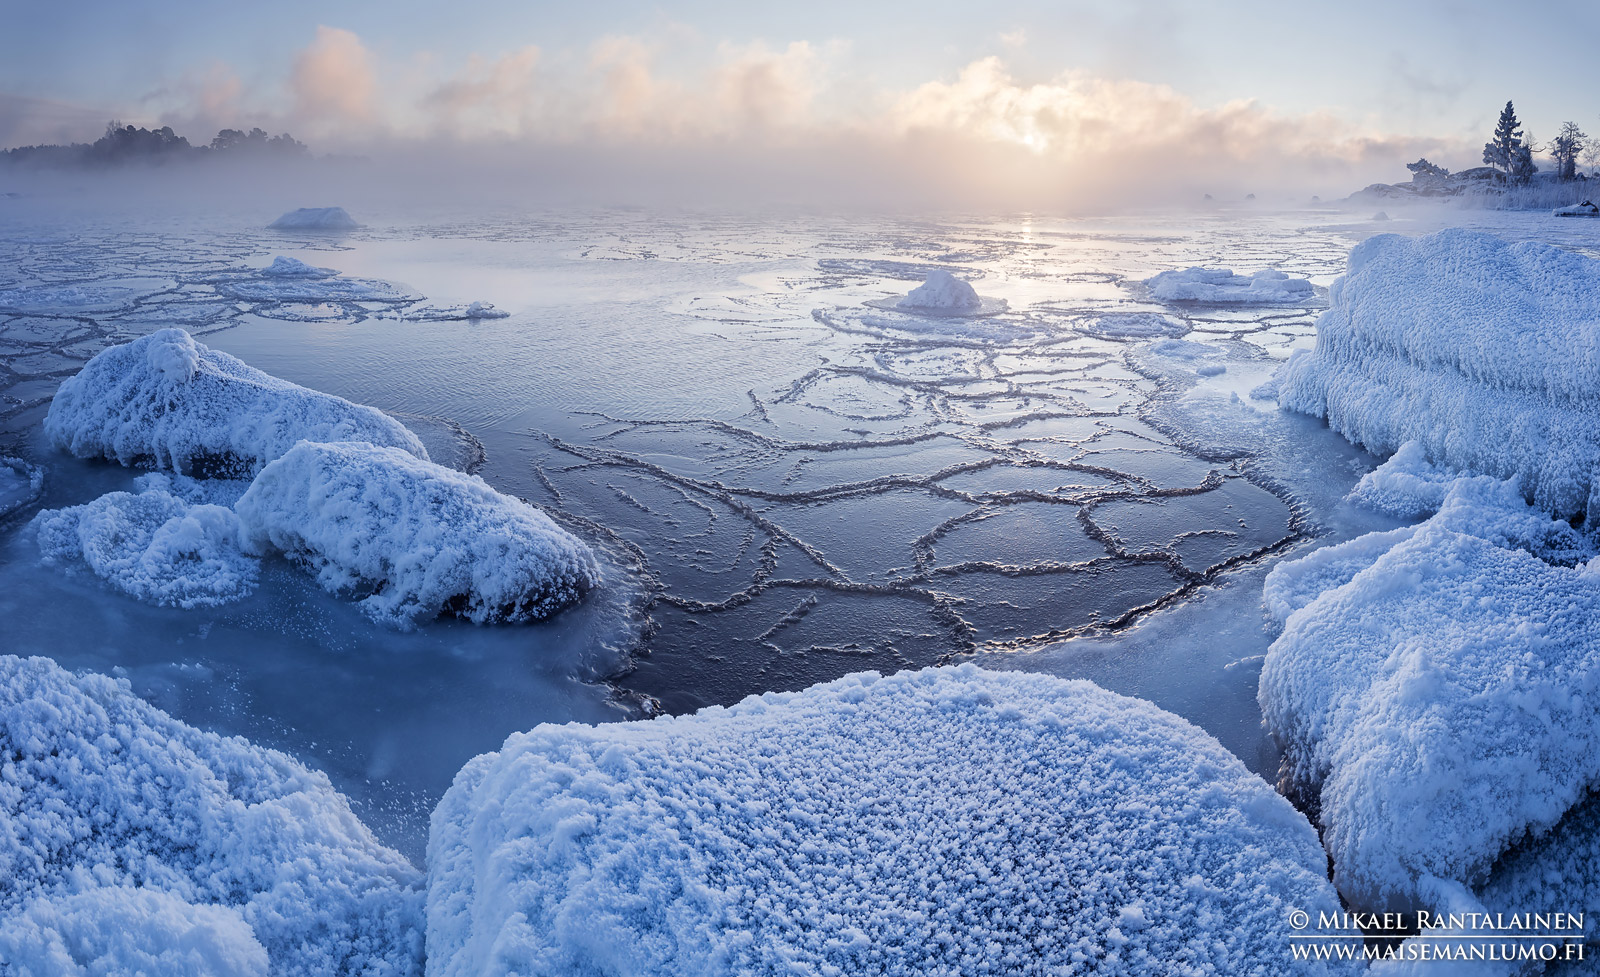 Huurtuneita kiviä ja merisavua Kallahdenniemellä, Helsinki